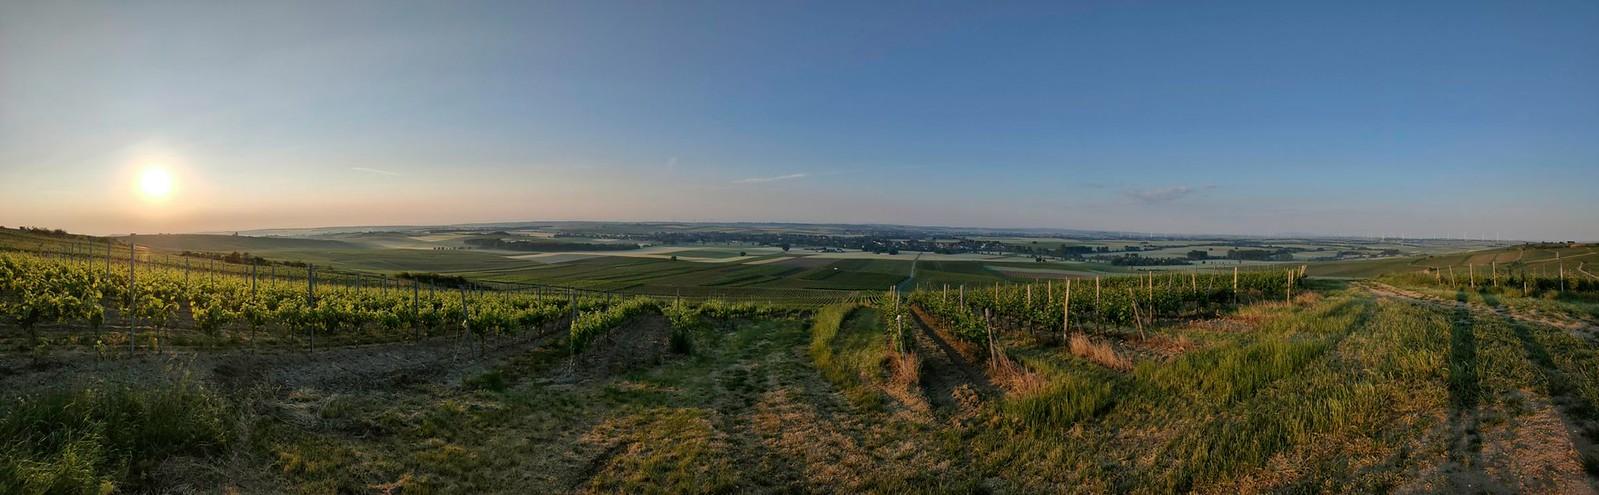 SunriseHike am Selzbogen in Rheinhessen